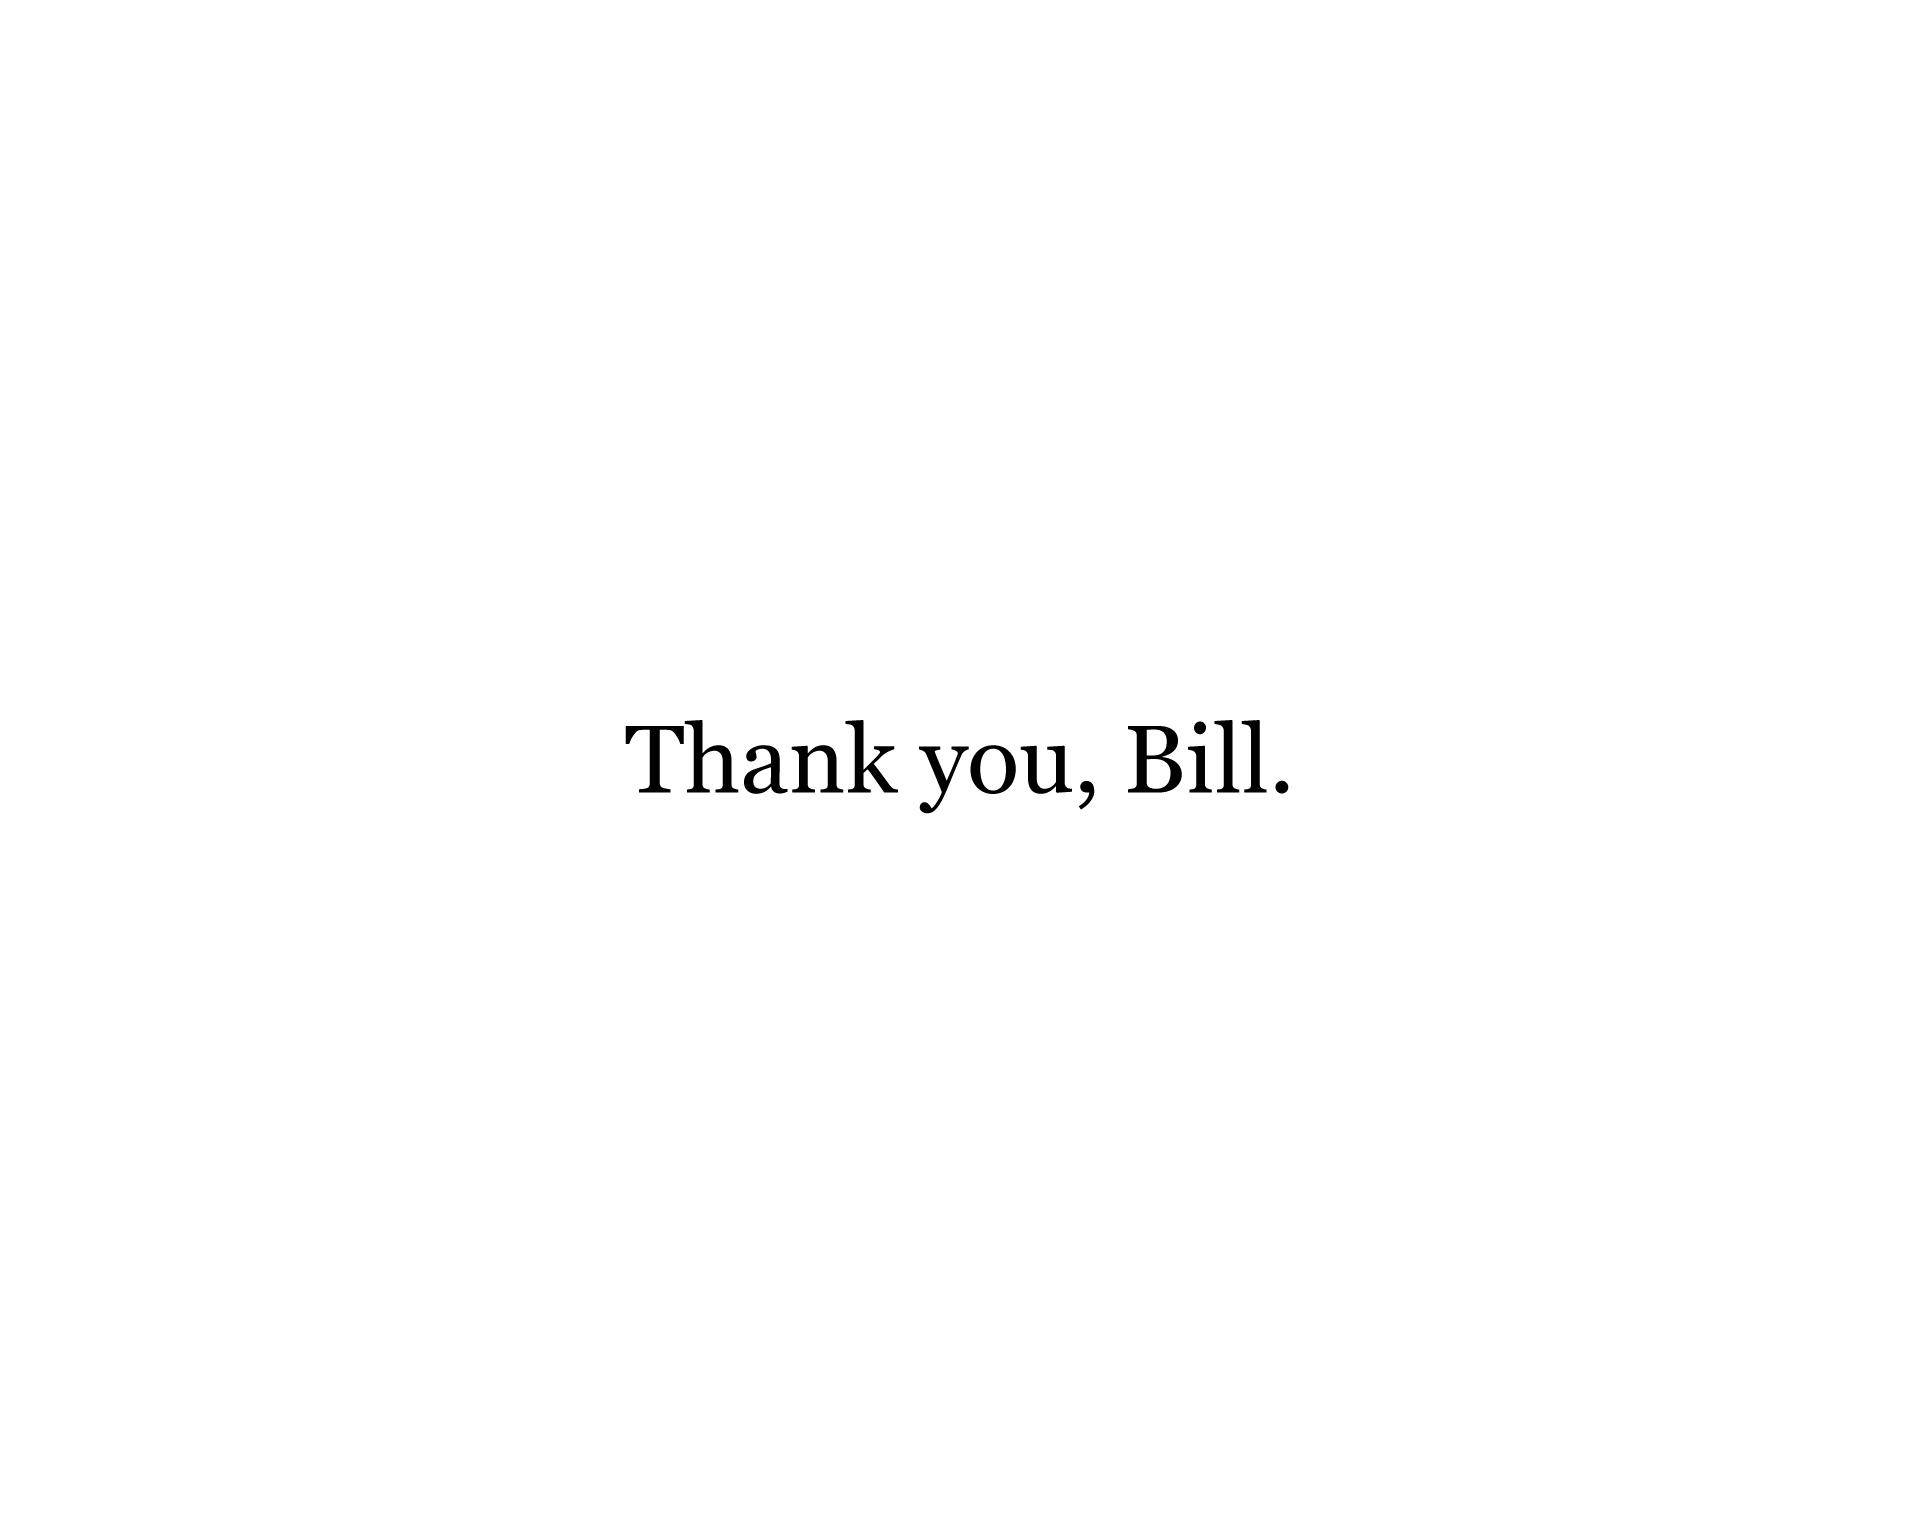 THANKS-BILL.jpg